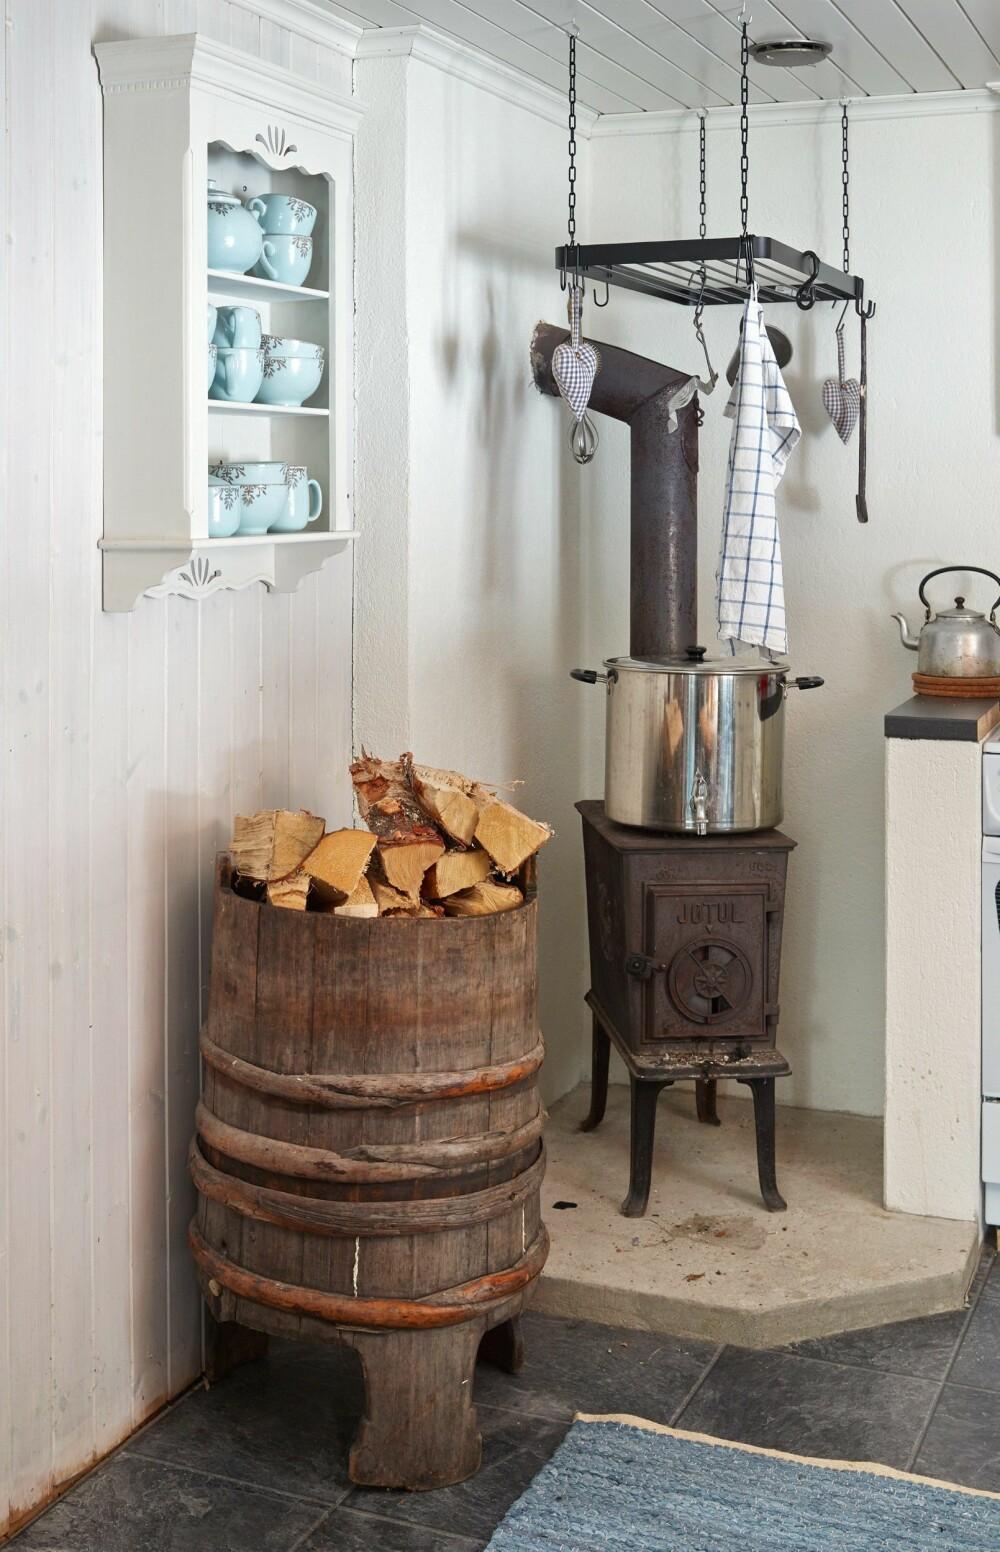 Enkelt: Det er enkelt på kjøkkenet, der en gammel vedovn fra Jøtul er god å ha. Her kan våte klær og håndklær henge til tørk.